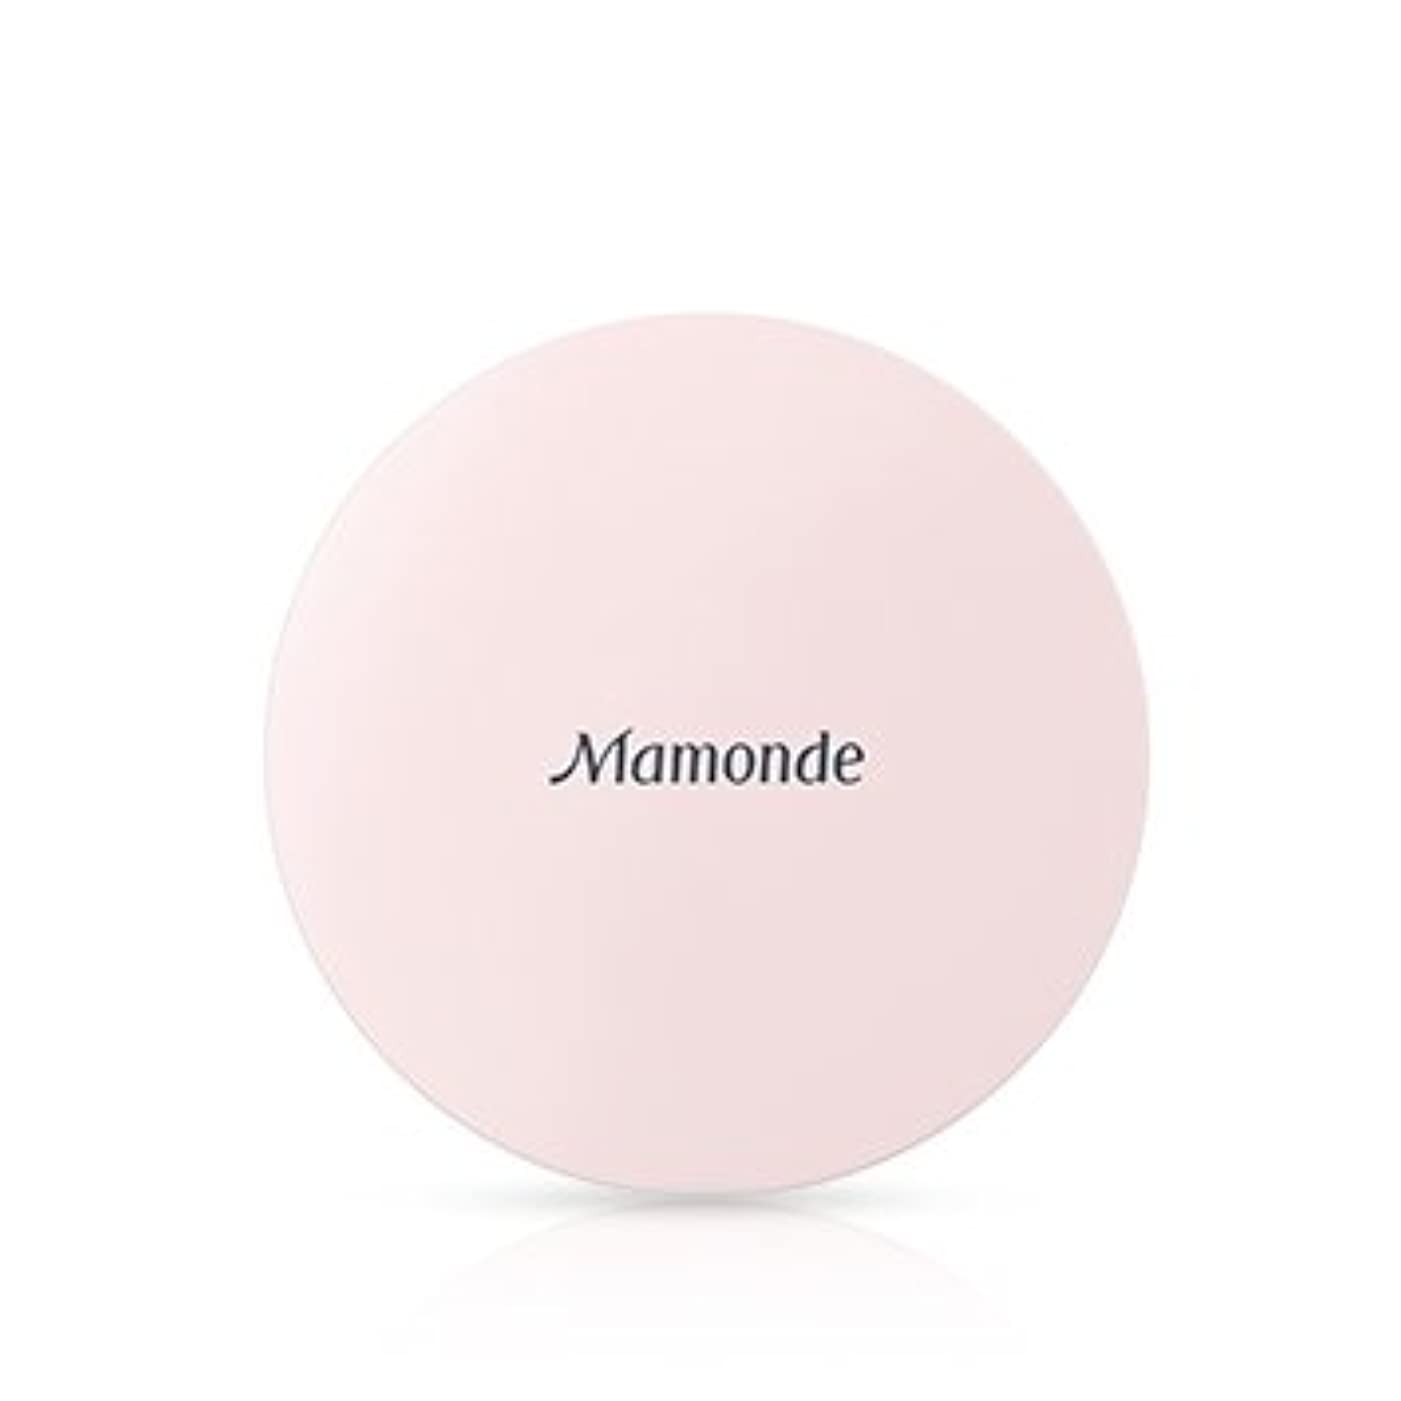 無限大累計酸度[New] Mamonde High Cover Liquid Cushion 15g/マモンド ハイ カバー リキッド クッション 15g (#21 Cover Peach) [並行輸入品]